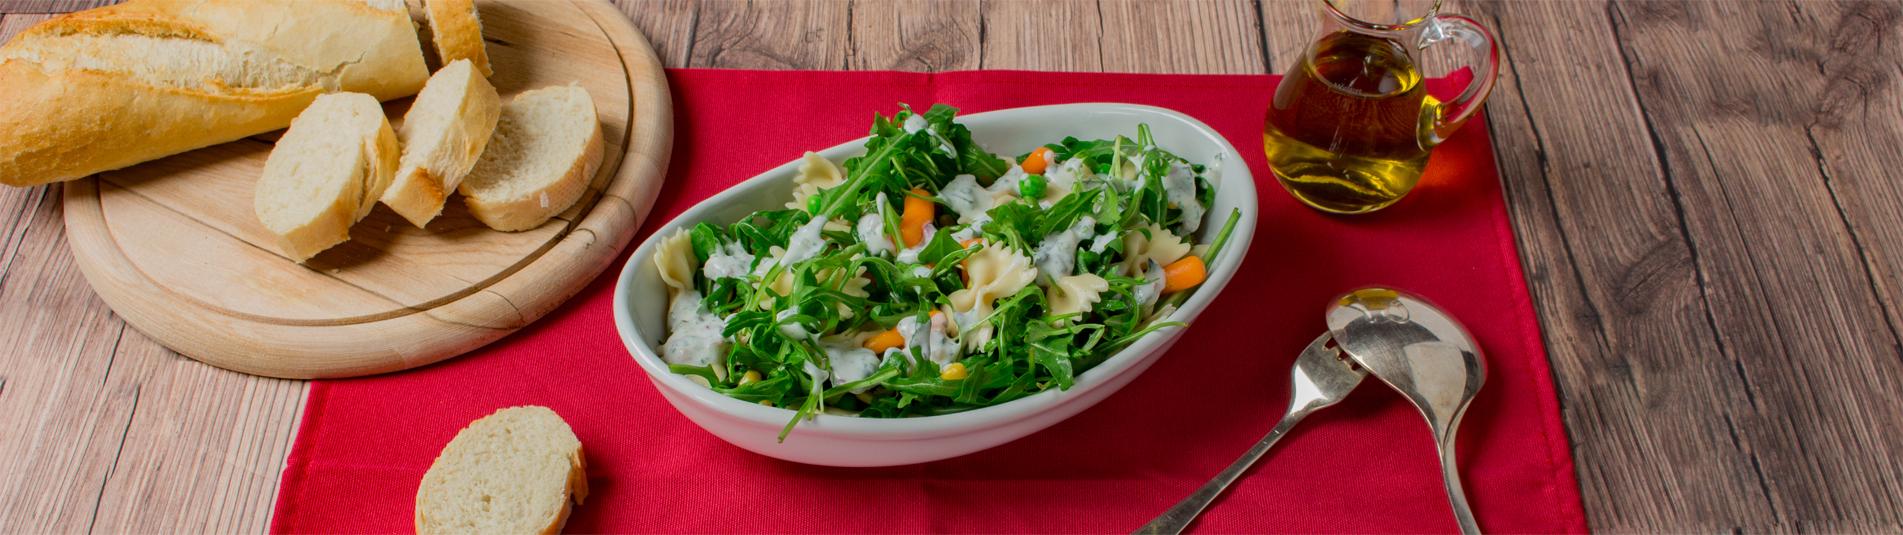 Iglo Nudelsalat mir Rucola und Gemüse Rezept